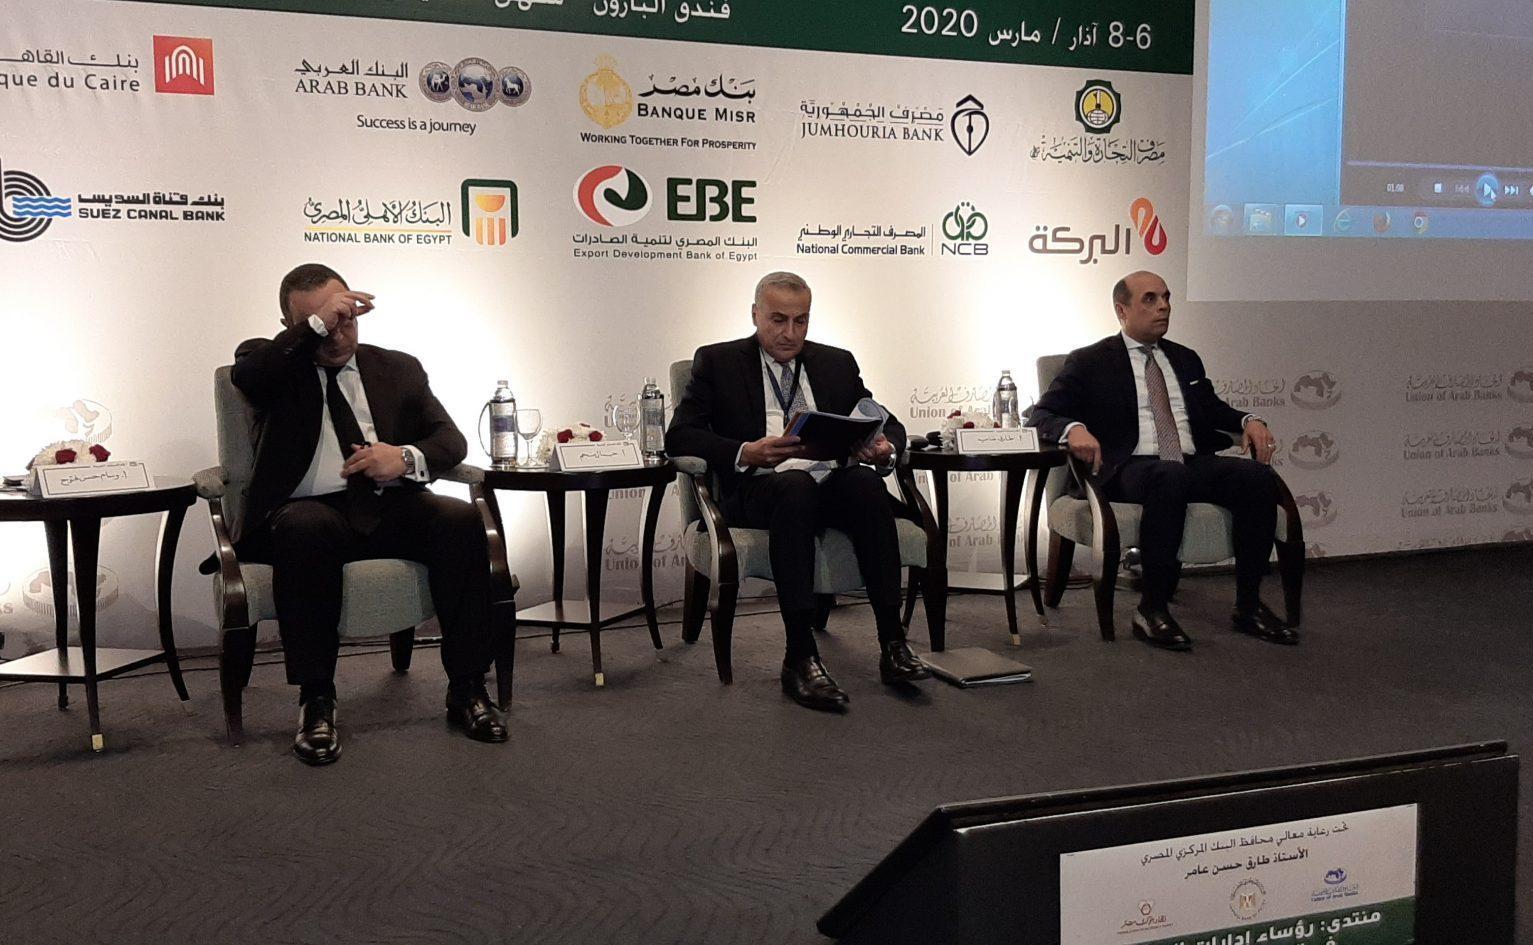 المنتدى المصرفي العربي